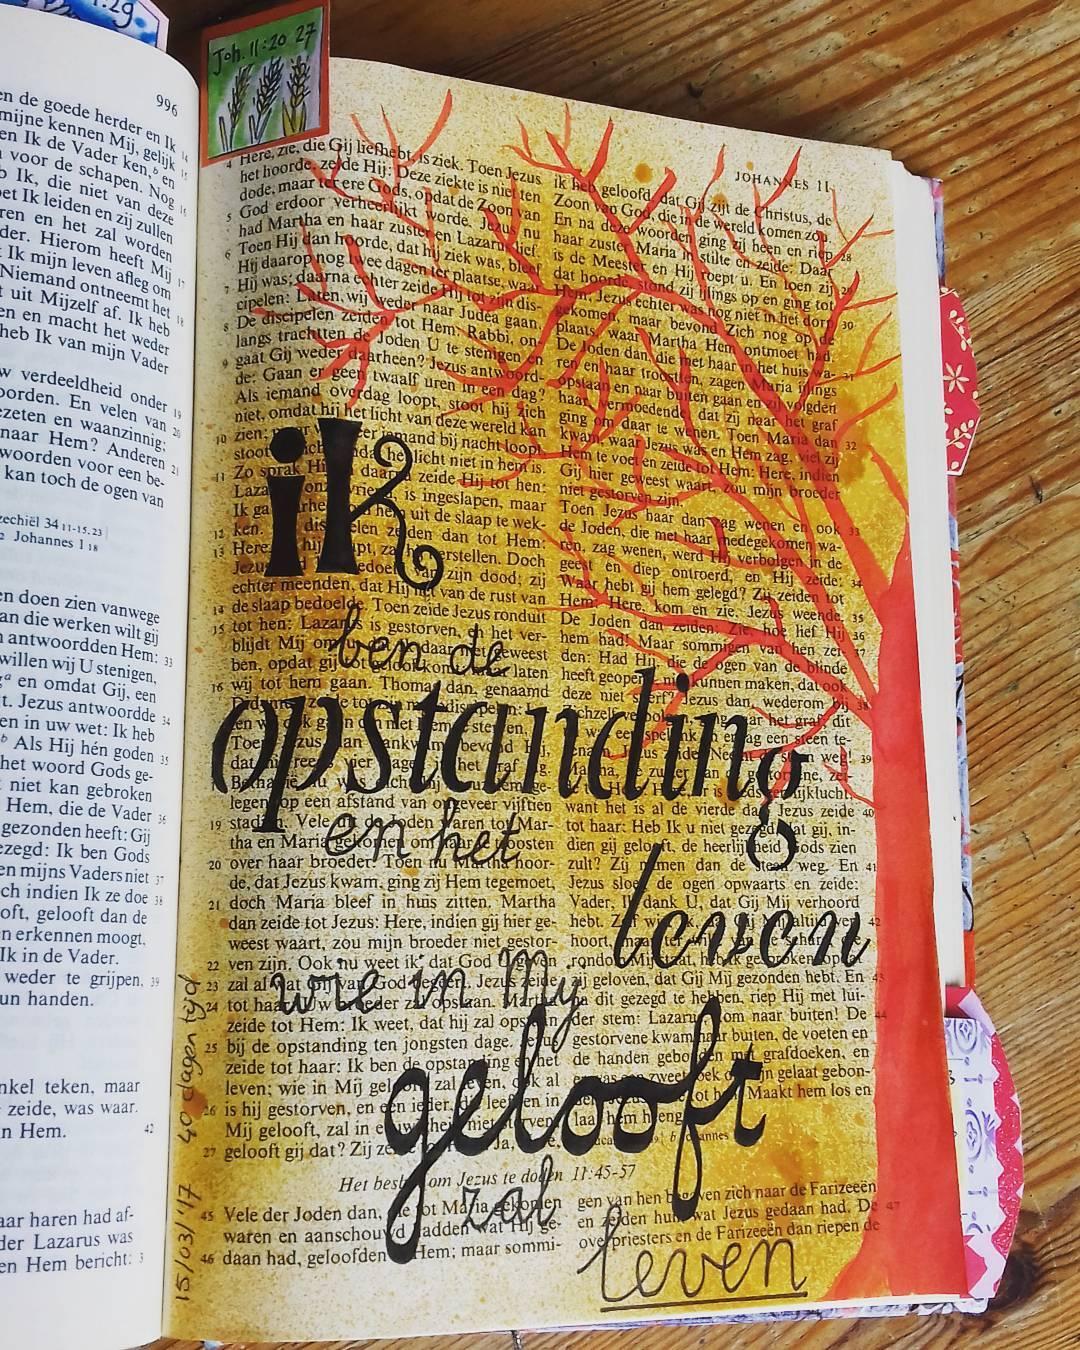 Bijbeljournaling door Ellen Johannes 11:20-27